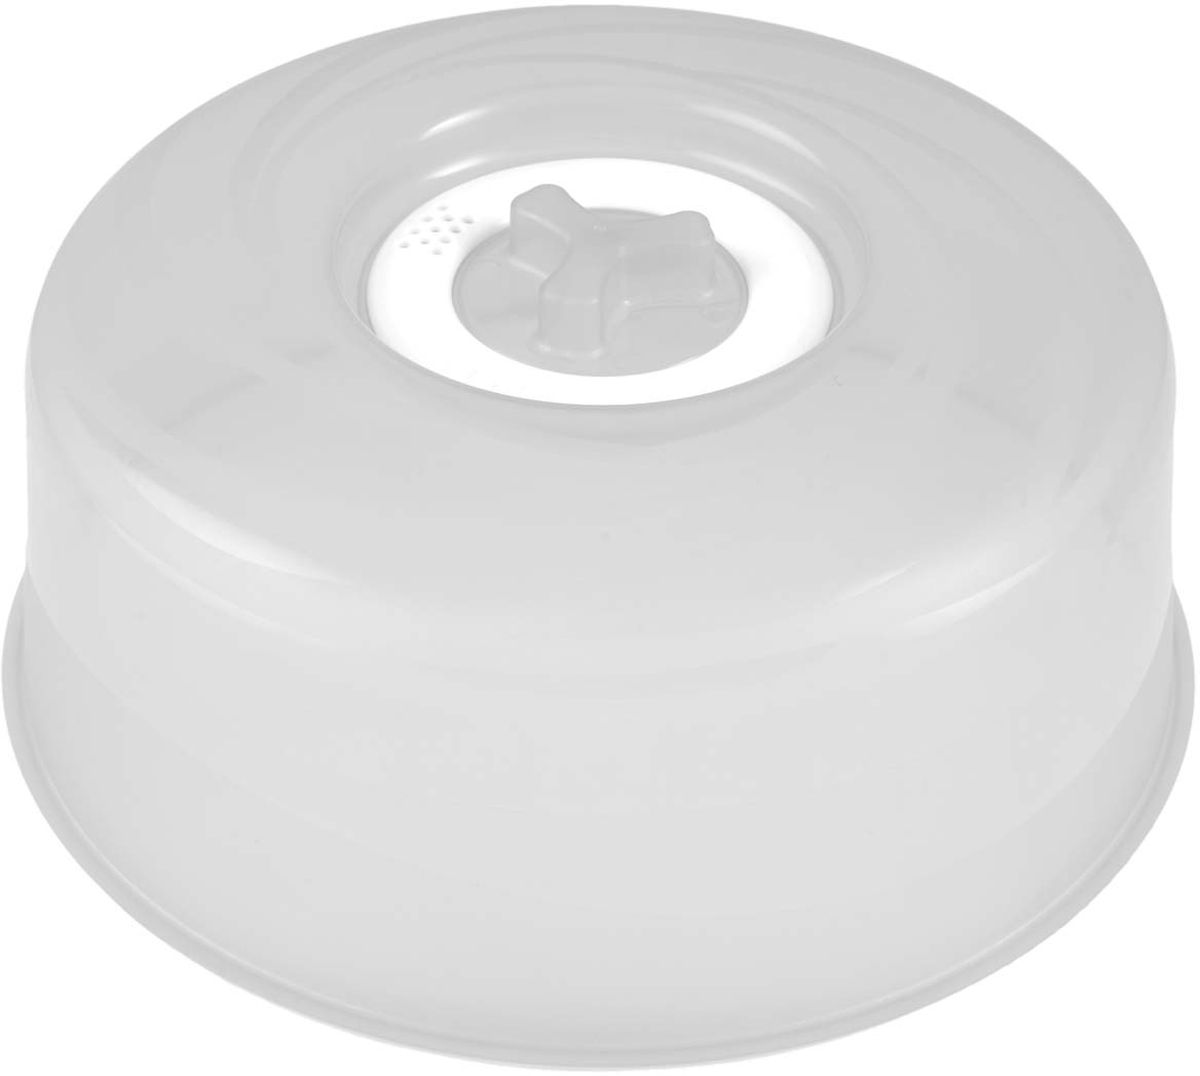 Крышка для СВЧ Plastic Centre Galaxy, с паровыпускным клапаном, цвет: прозрачный, диаметр 25 см емкость для свч plastic centre galaxy цвет желтый прозрачный 4 75 л